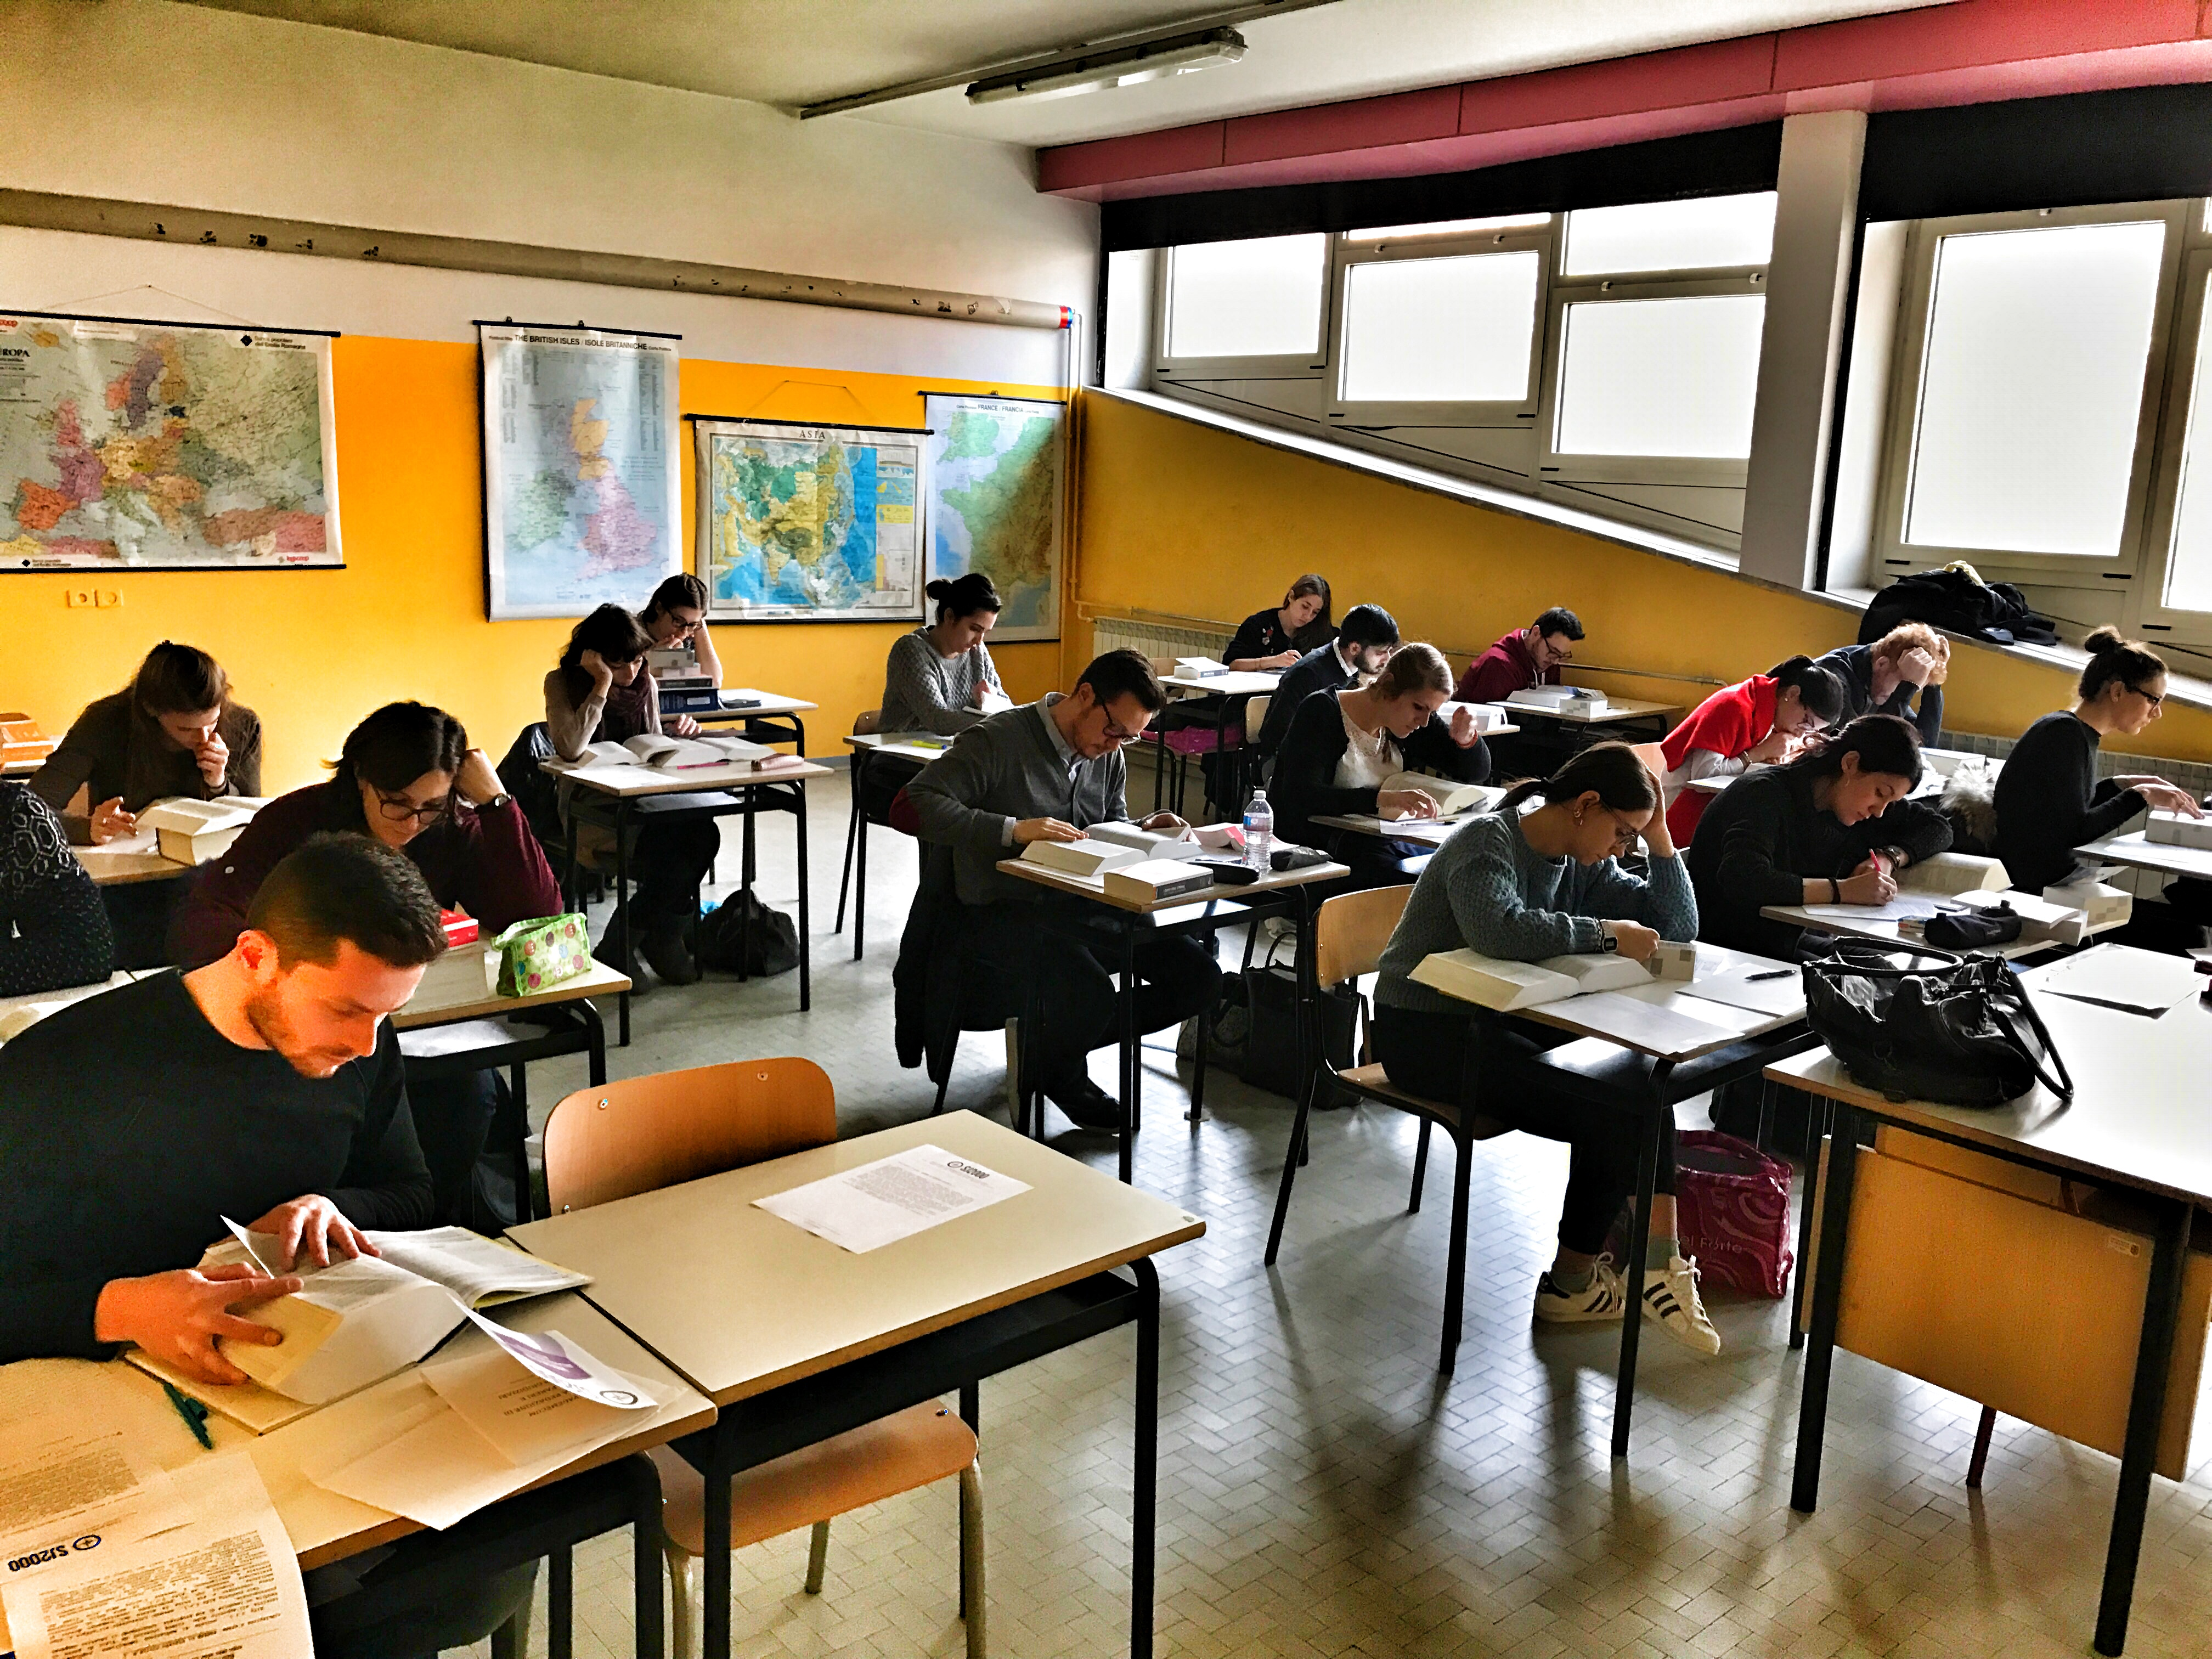 confesercenti padova corsi di formazione bologna - photo#47